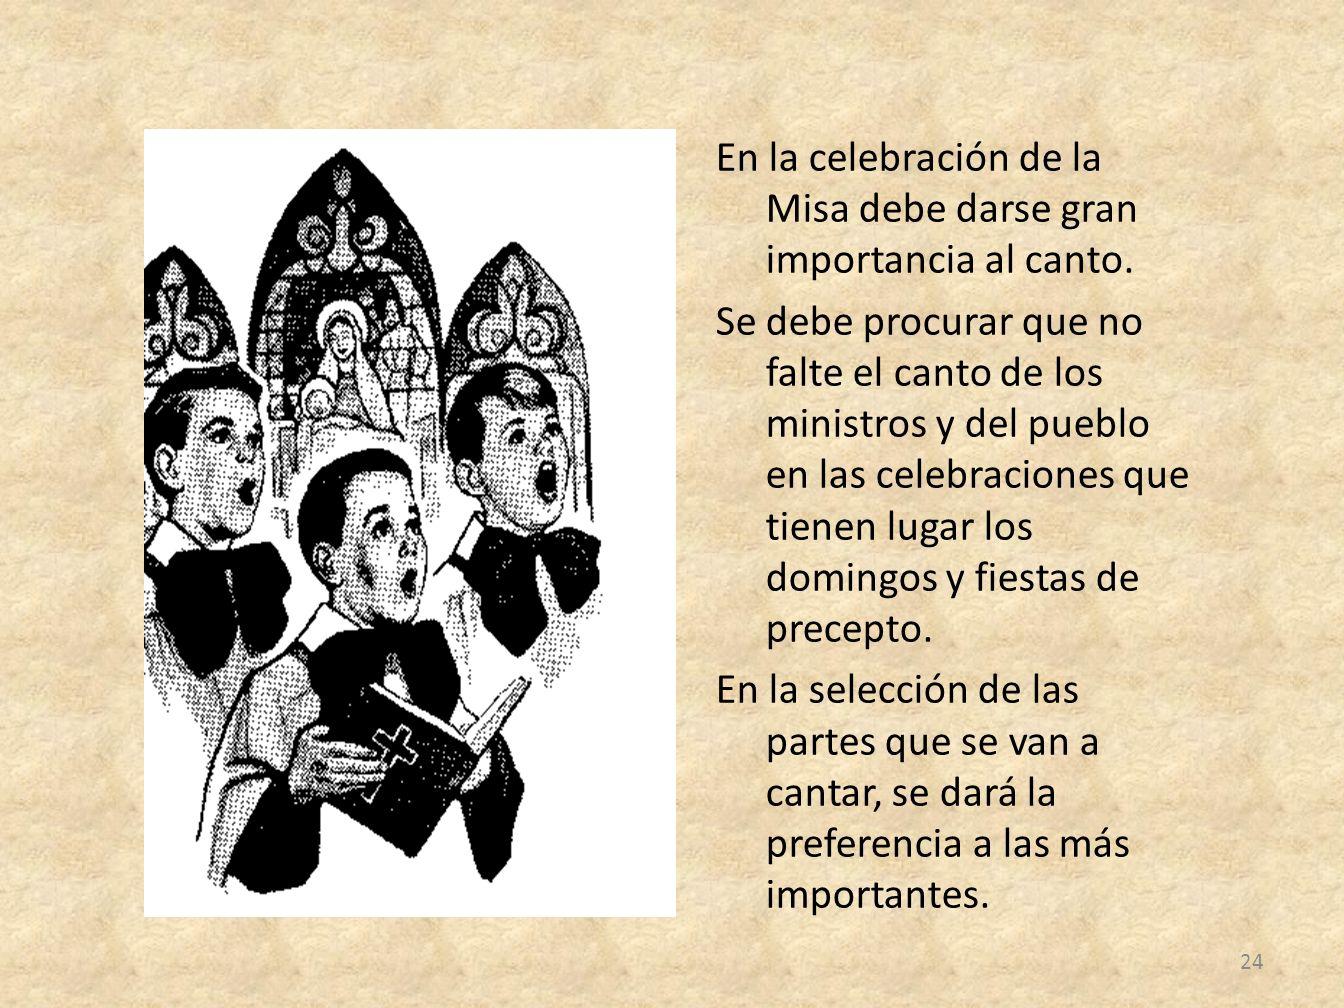 En la celebración de la Misa debe darse gran importancia al canto